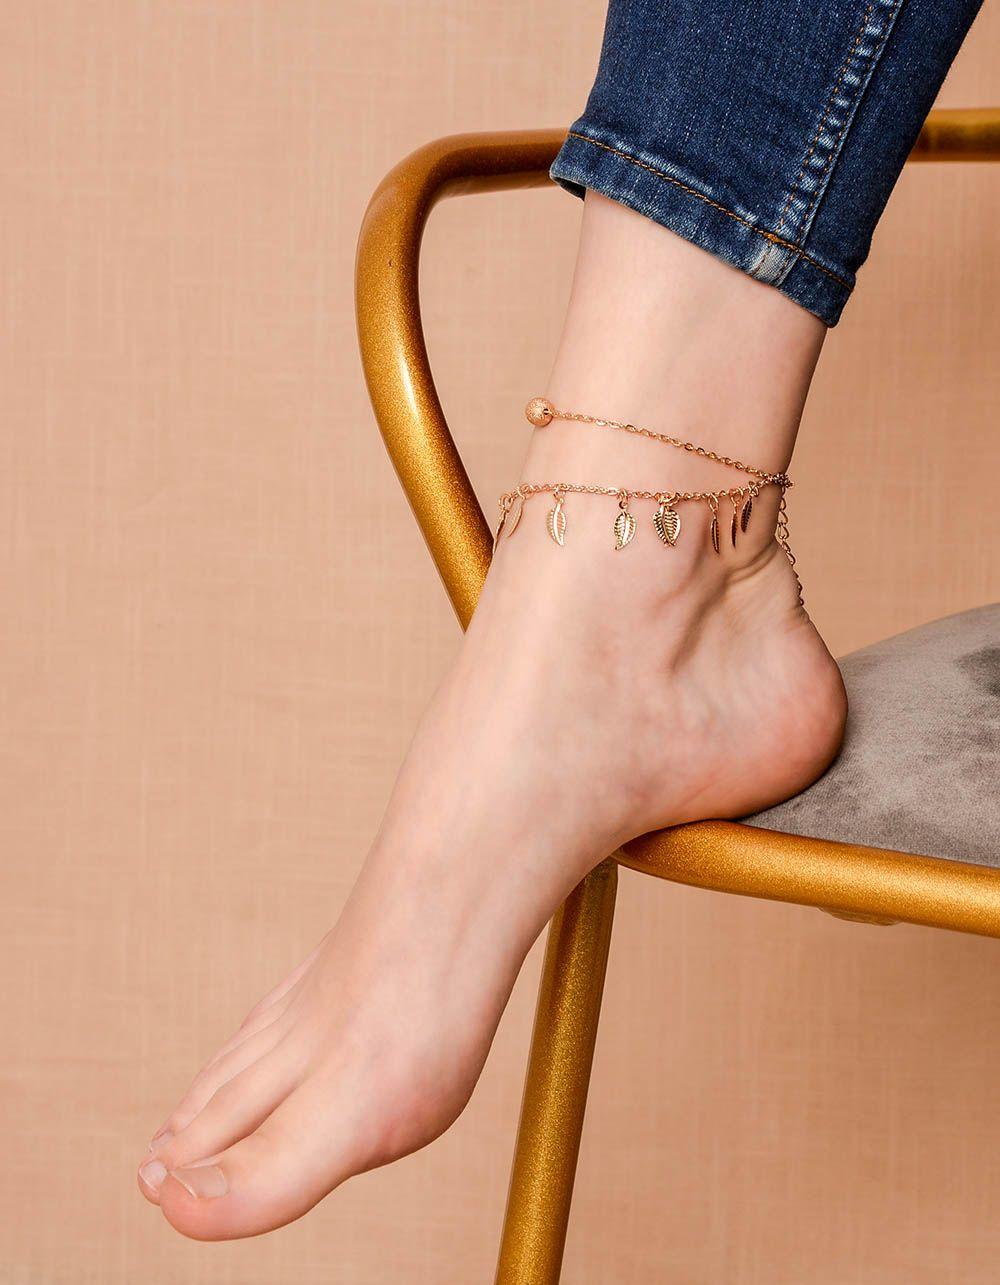 Браслет на ногу подвійний з підвісками у вигляді листя | 239991-04-XX